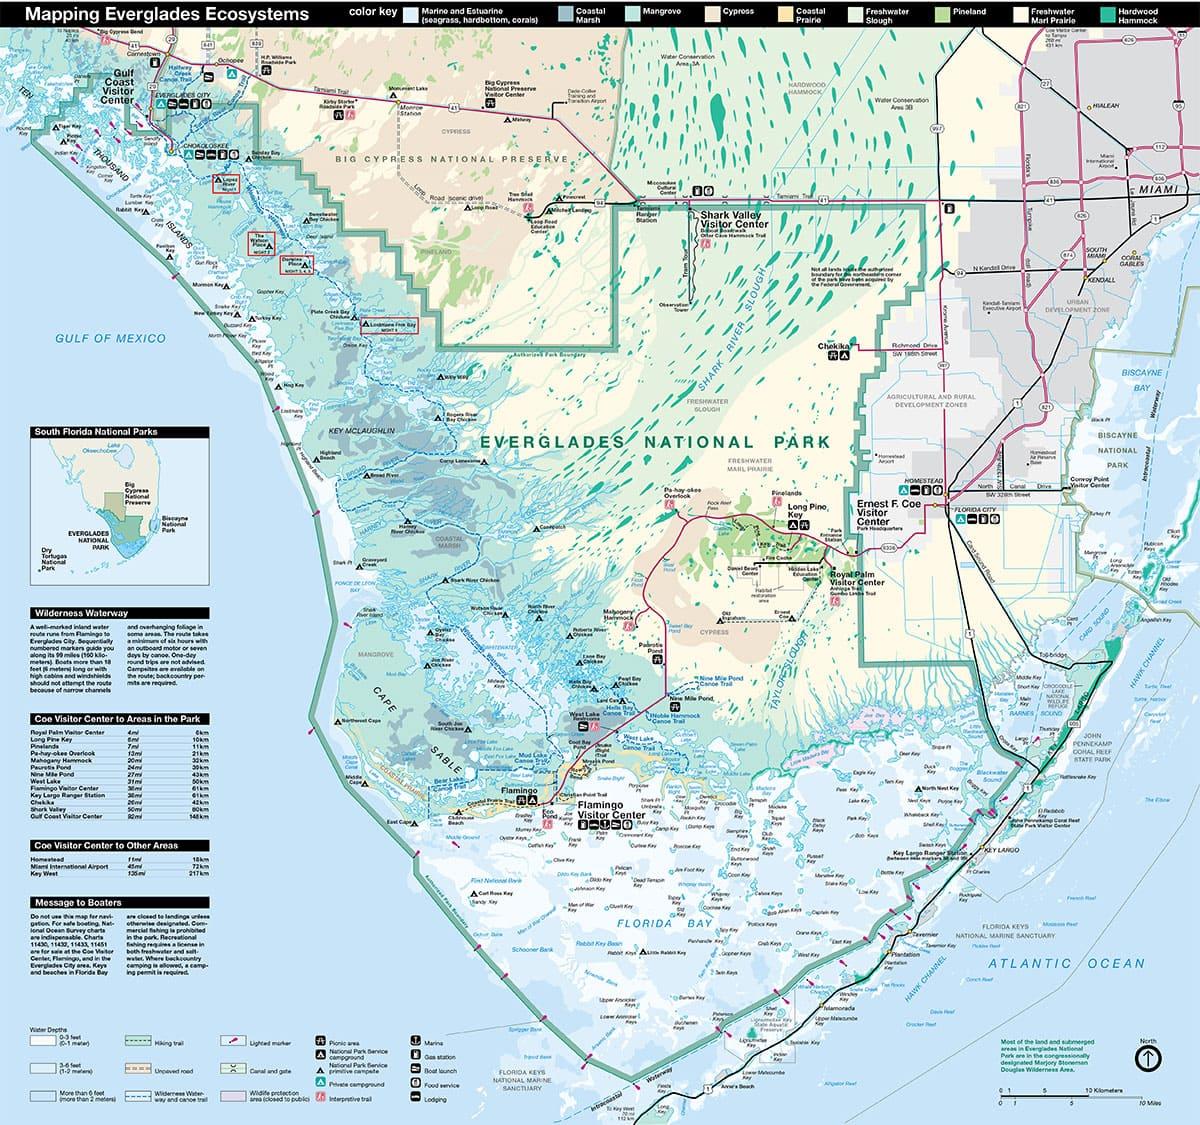 Karte, Everglades Nationalpark, Map, Florida, USA